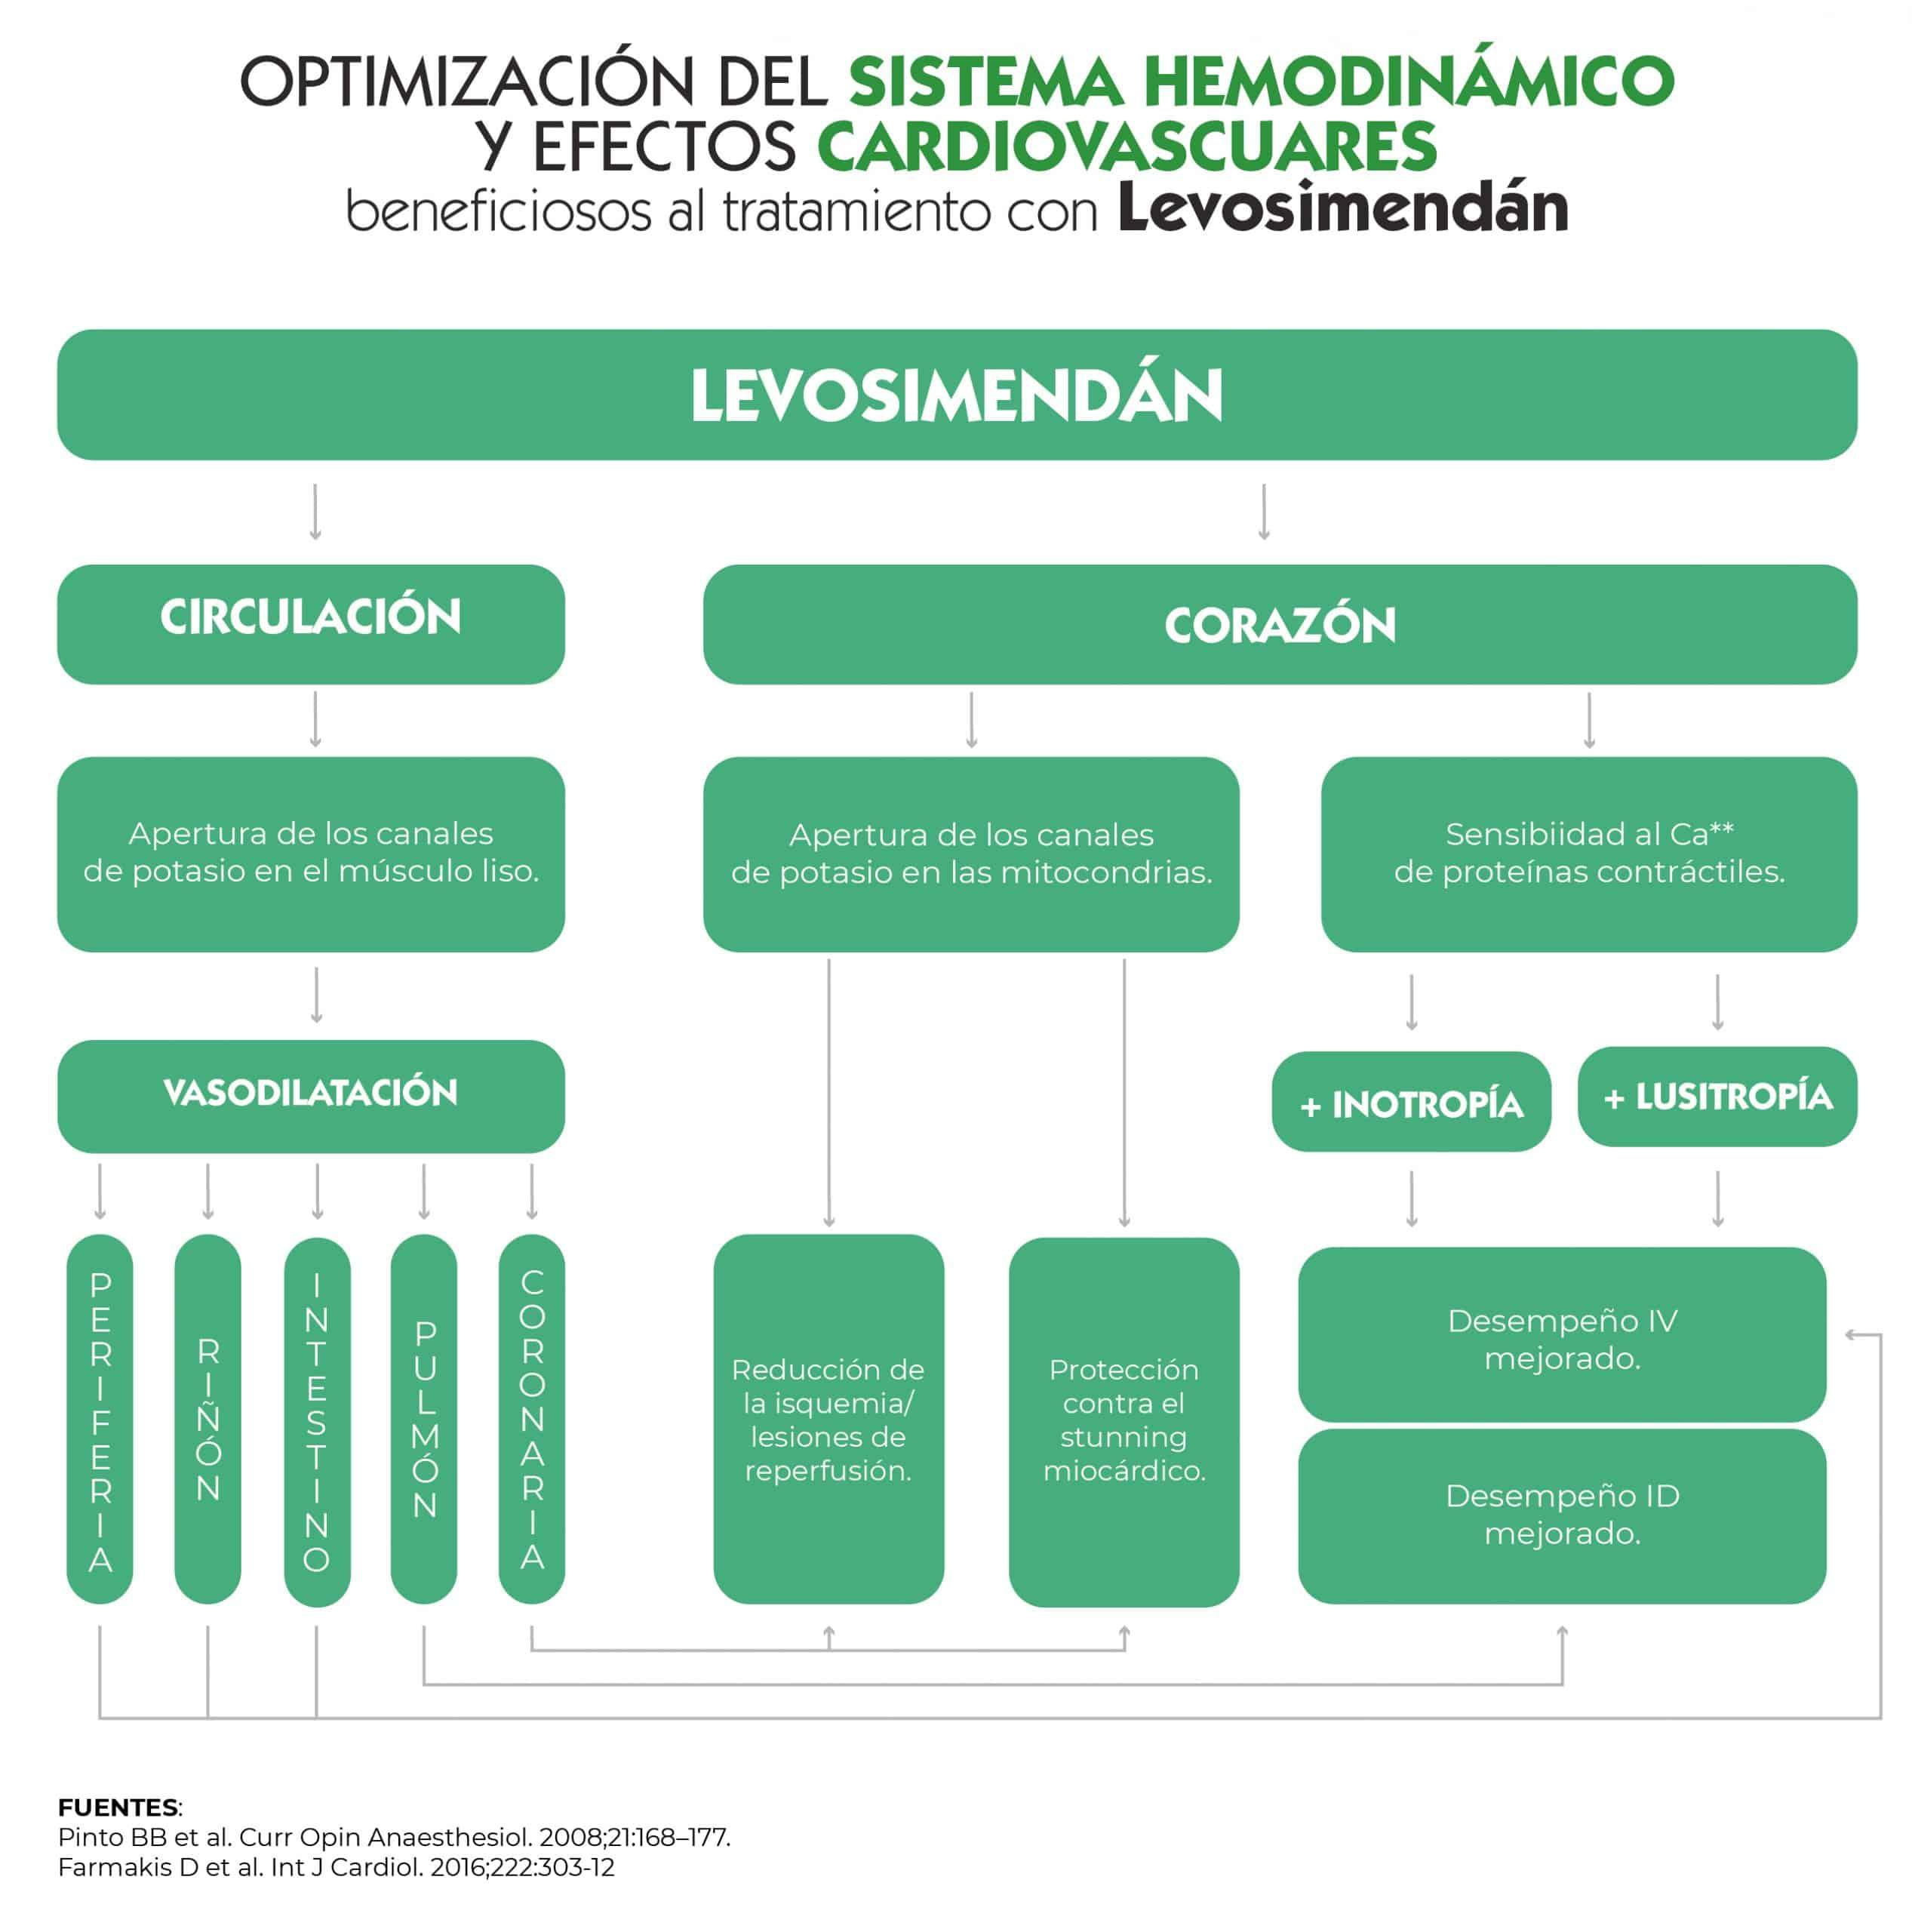 Figura 4: Optimización del sistema hemodinámico y efectos cardiovasculares beneficiosos asociados al tratamiento con Levosimendán [21,22].